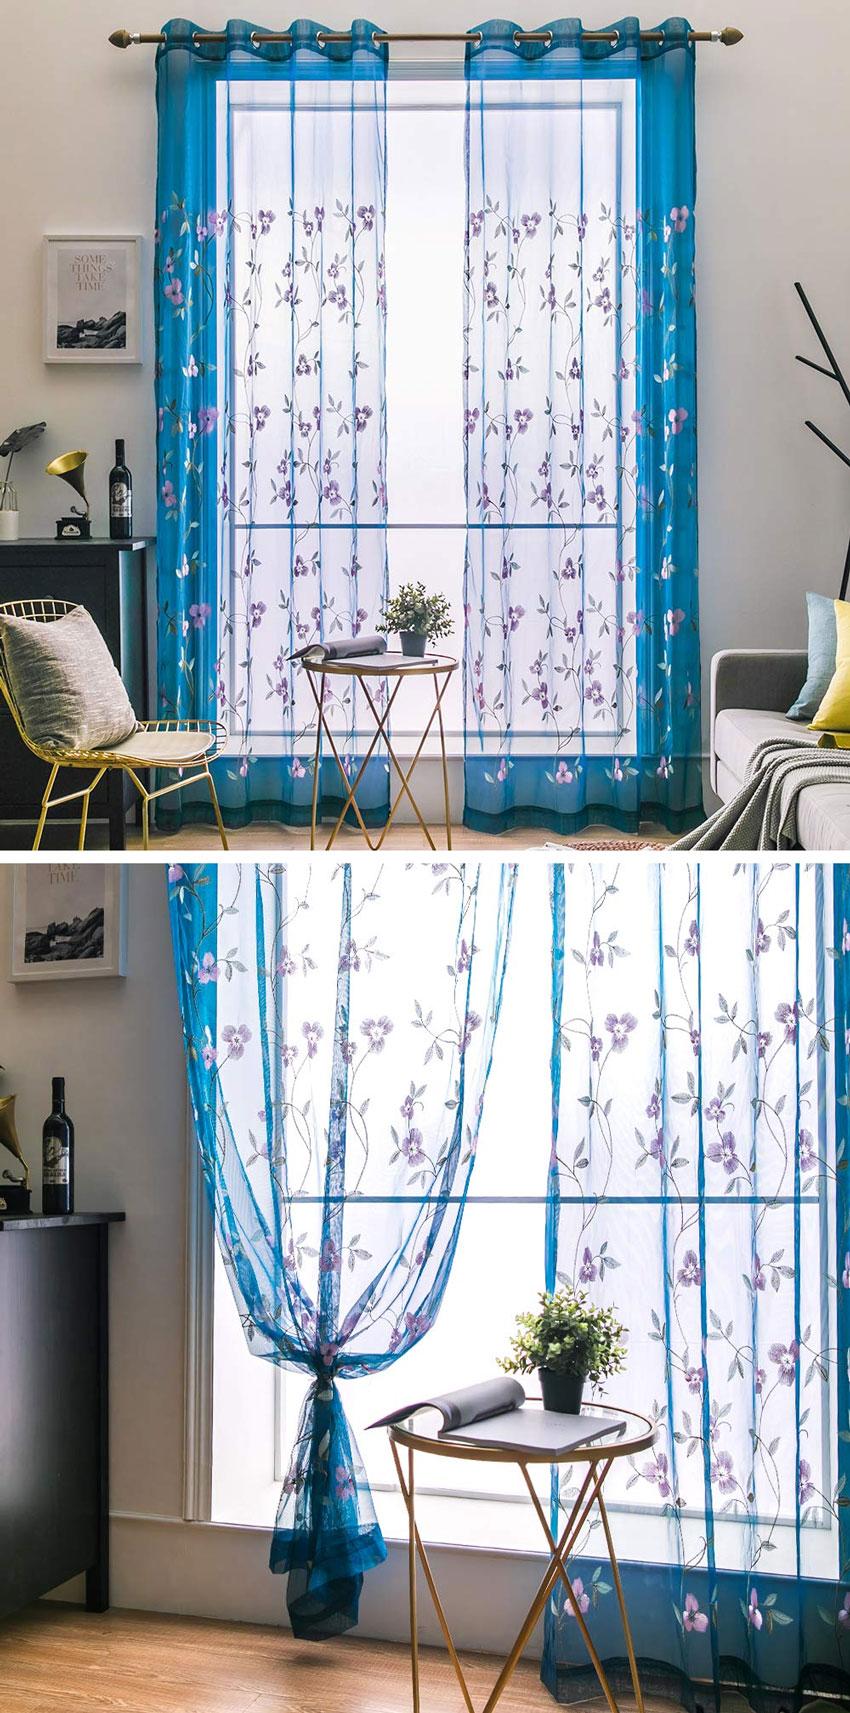 Le tende per arredare il soggiorno moderno | Estate 2019